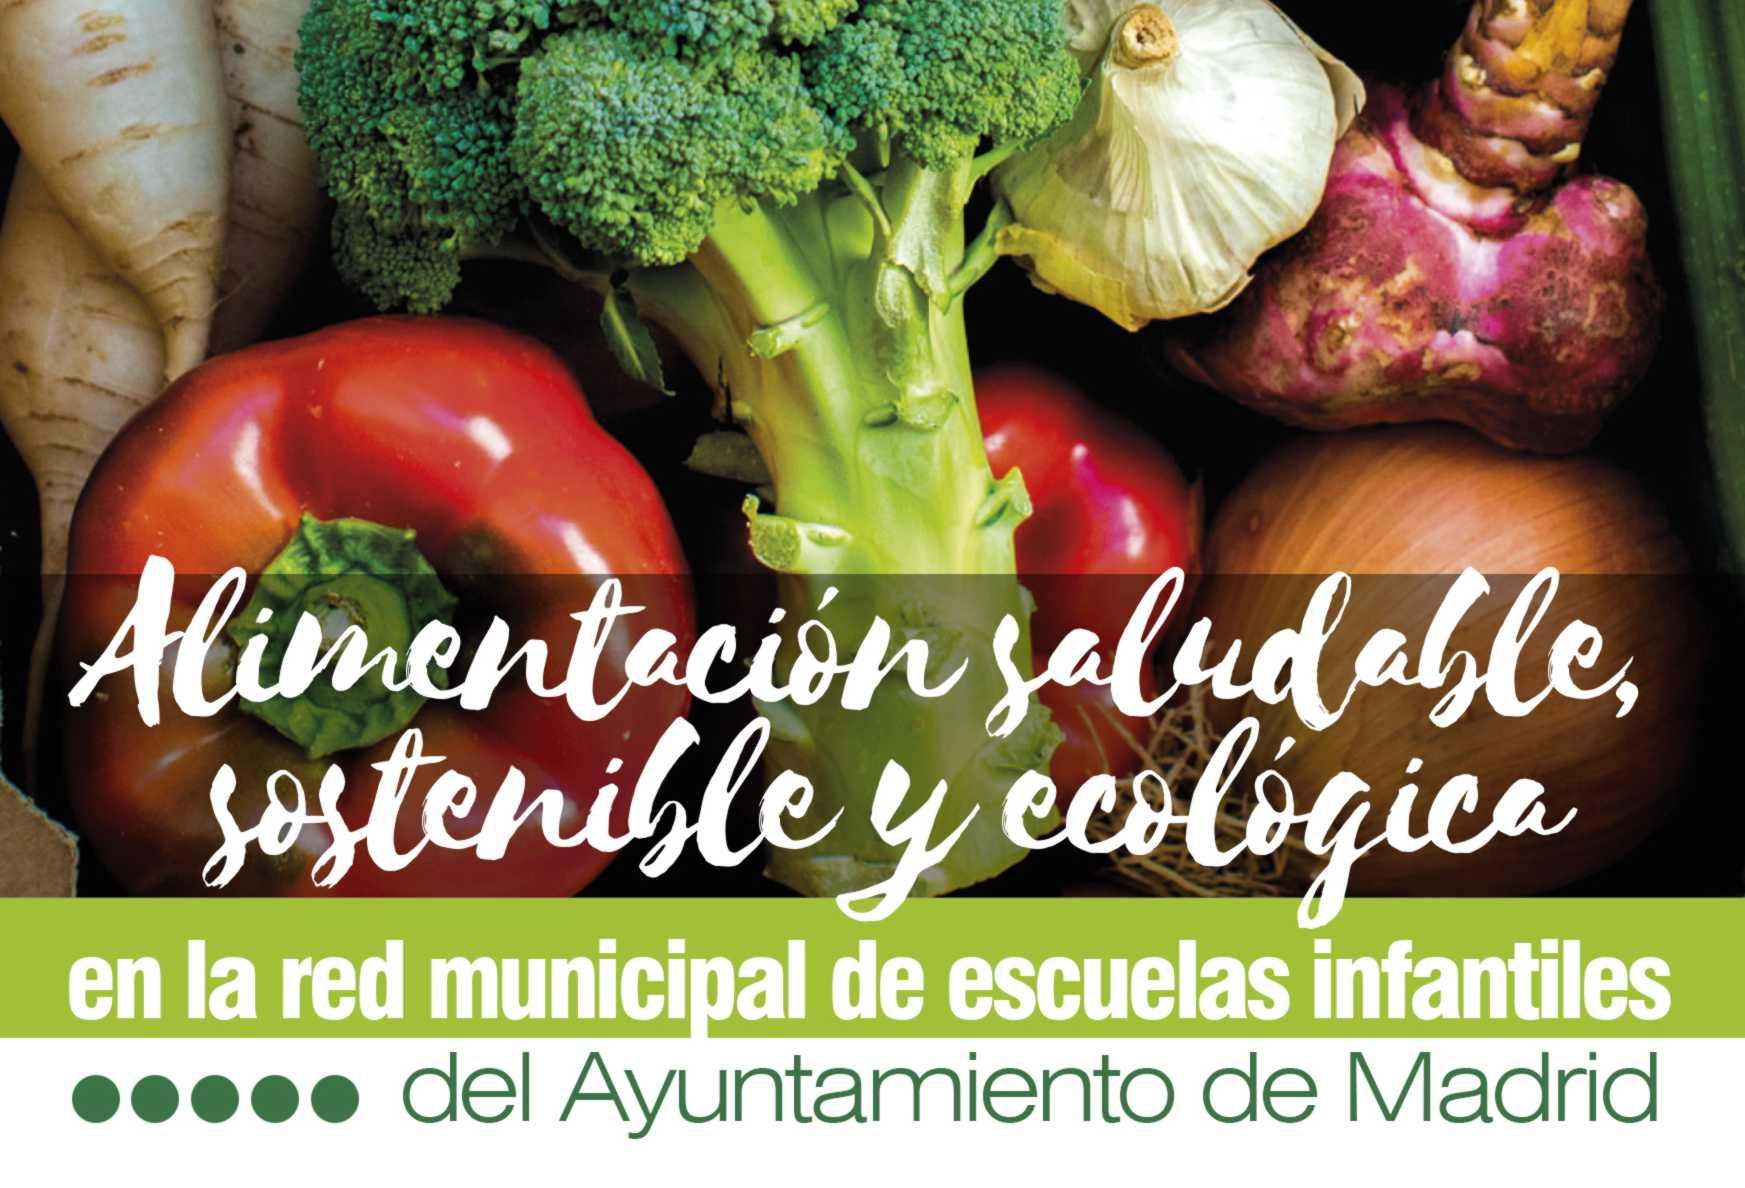 Plan Alimentario de la Red Municipal de Escuelas Infantiles de Madrid